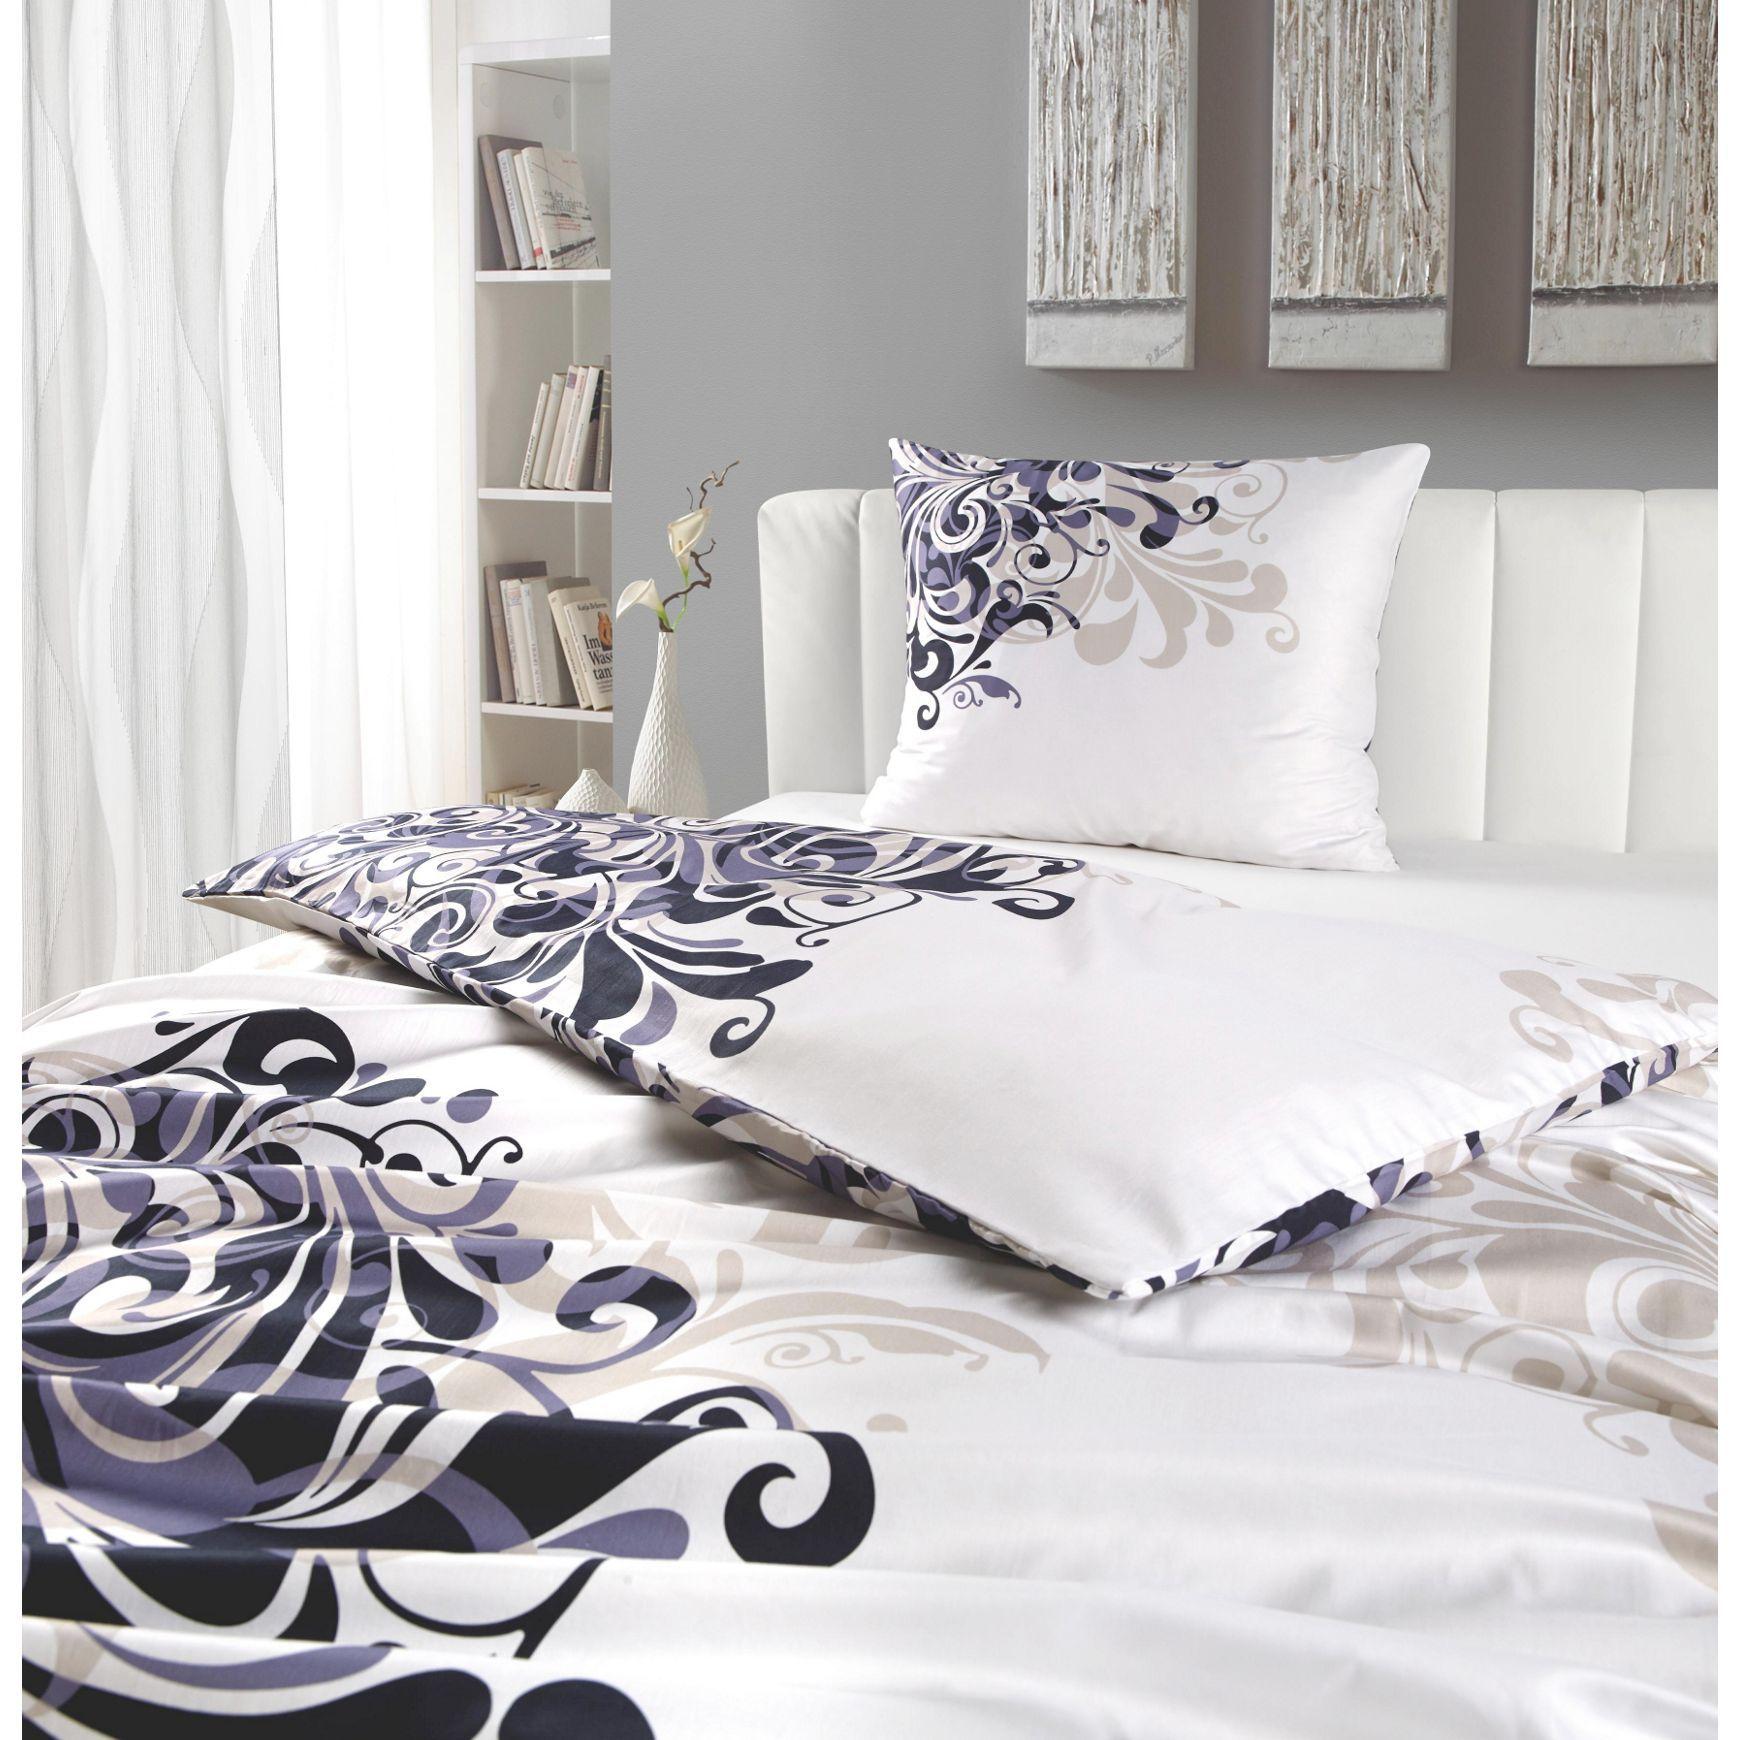 Atmungsaktive Bettwäsche mit stilvollen Ornamenten: einfach chic ...